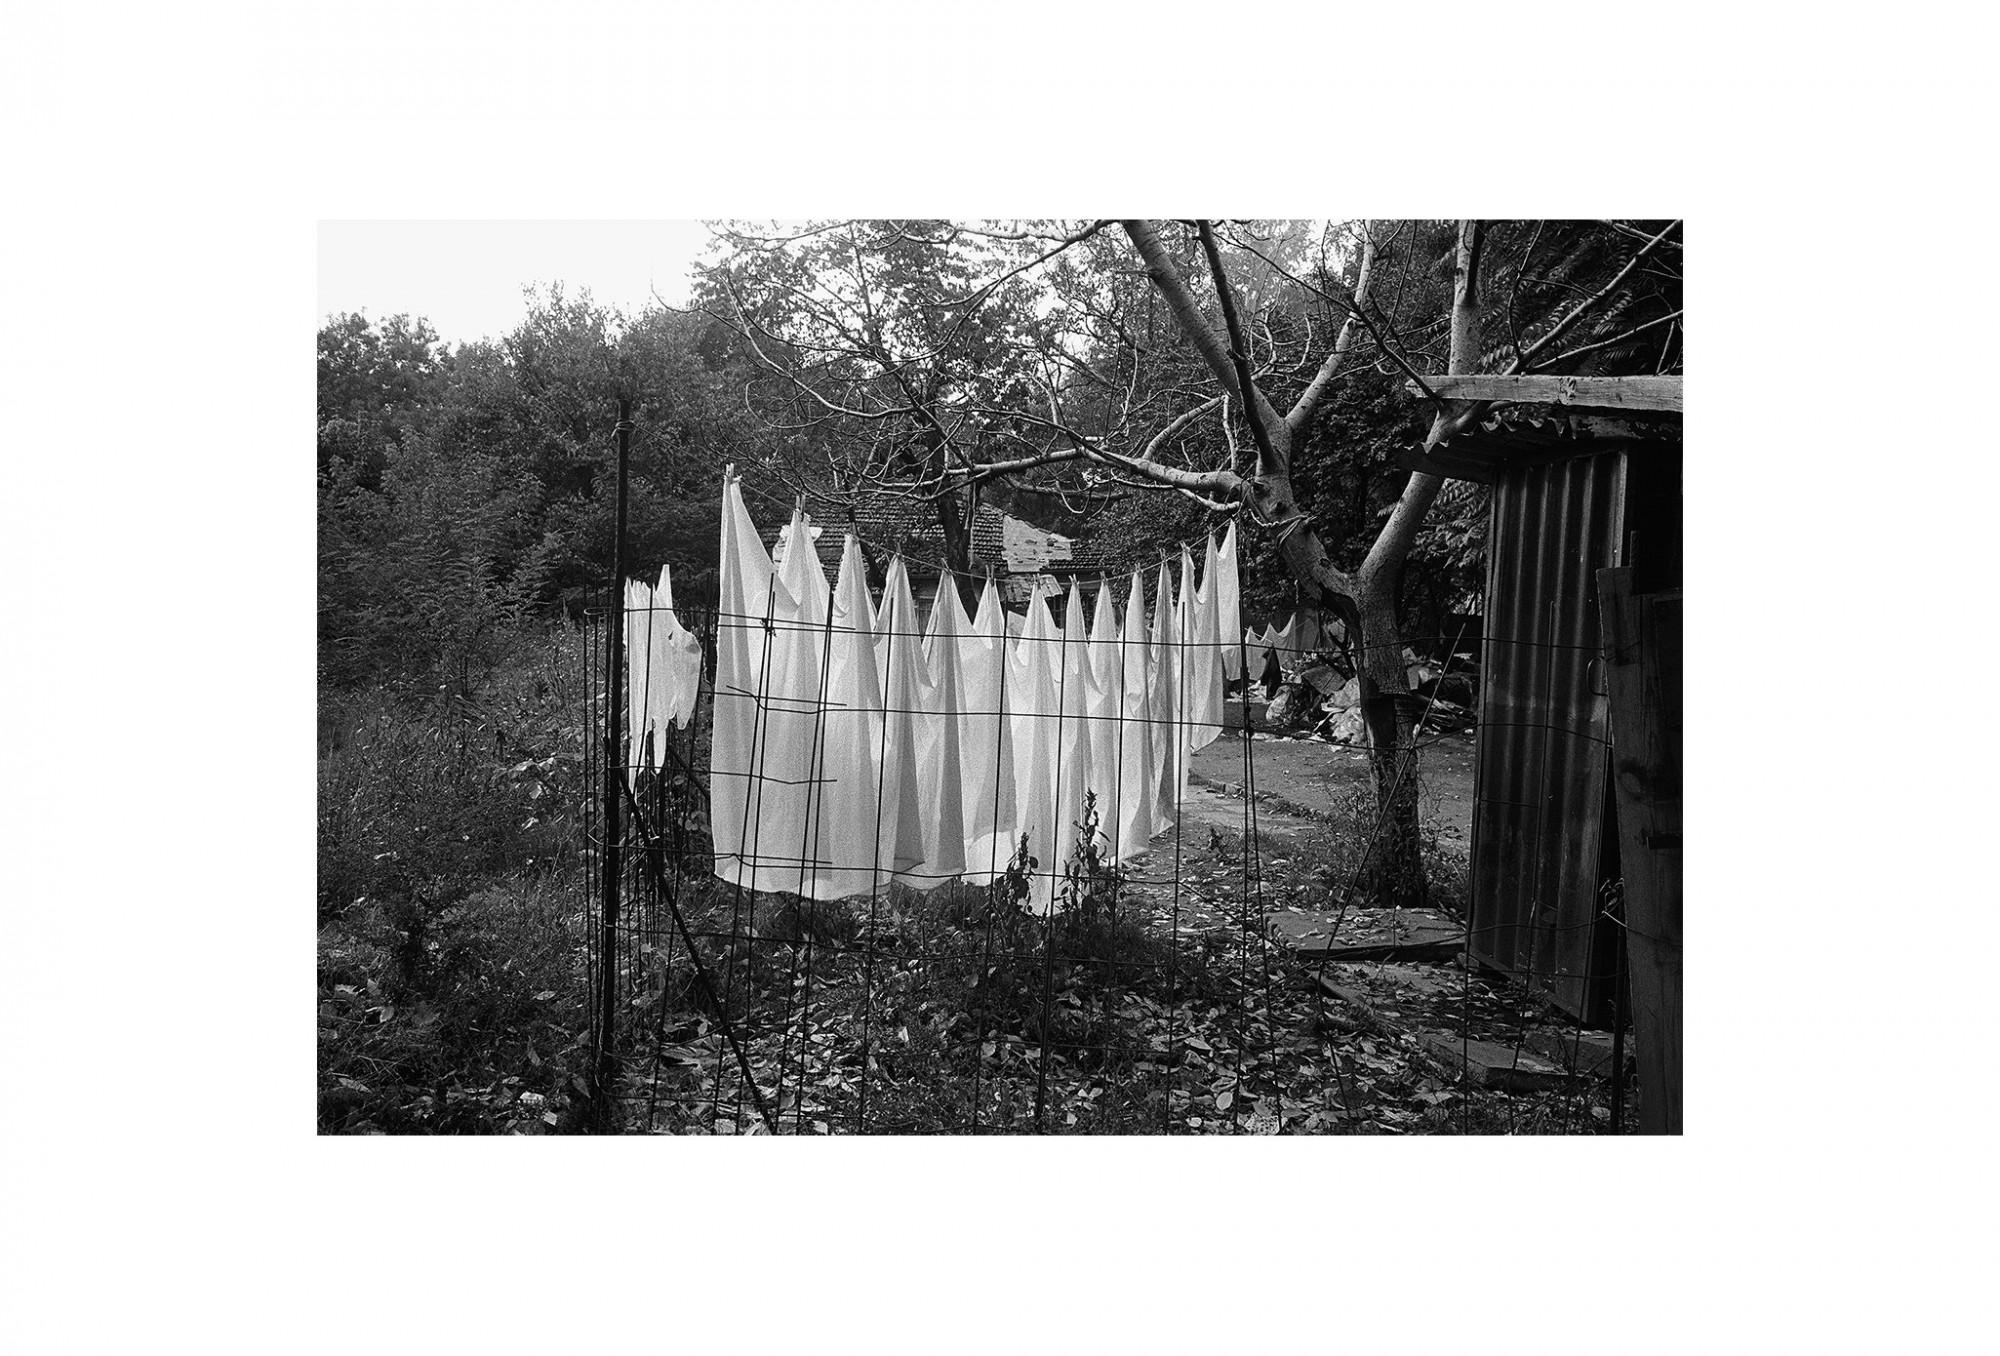 Afbeelding: Fotokunst Dominique Van Huffel, uit de reeks: Waar de sterre bleef stille staan. De was uithangen, Bulgarije.